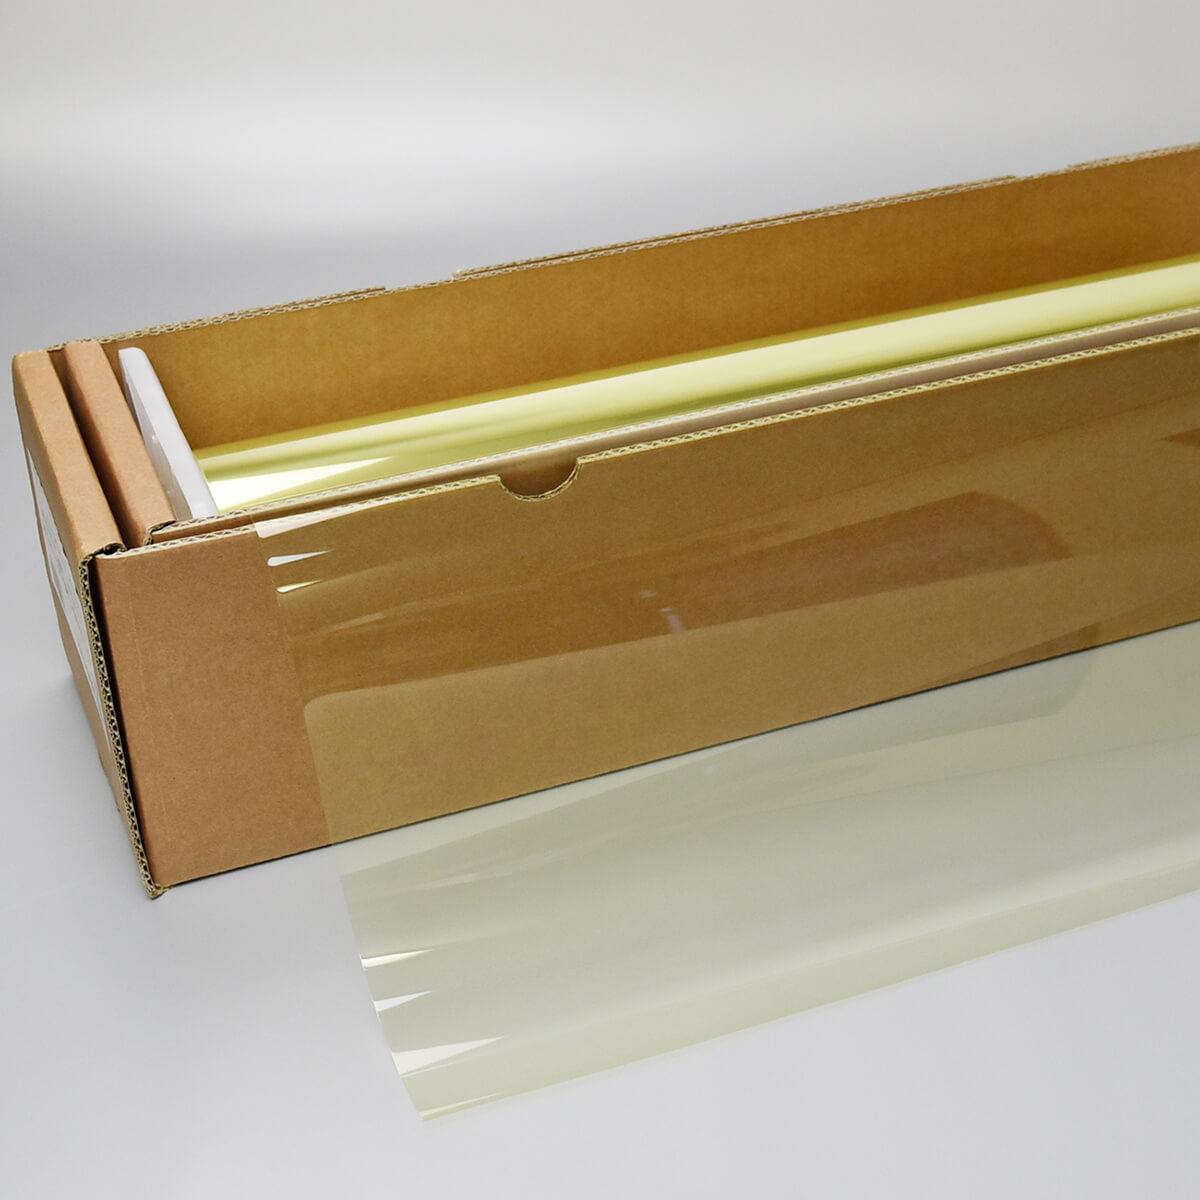 送料無料 ウィンドウフィルム 窓ガラスフィルム スーパーUV400イエロー89(89%) 1m幅×30mロール箱売 遮熱フィルム 断熱フィルム UVカットフィルム ブレインテック Braintec